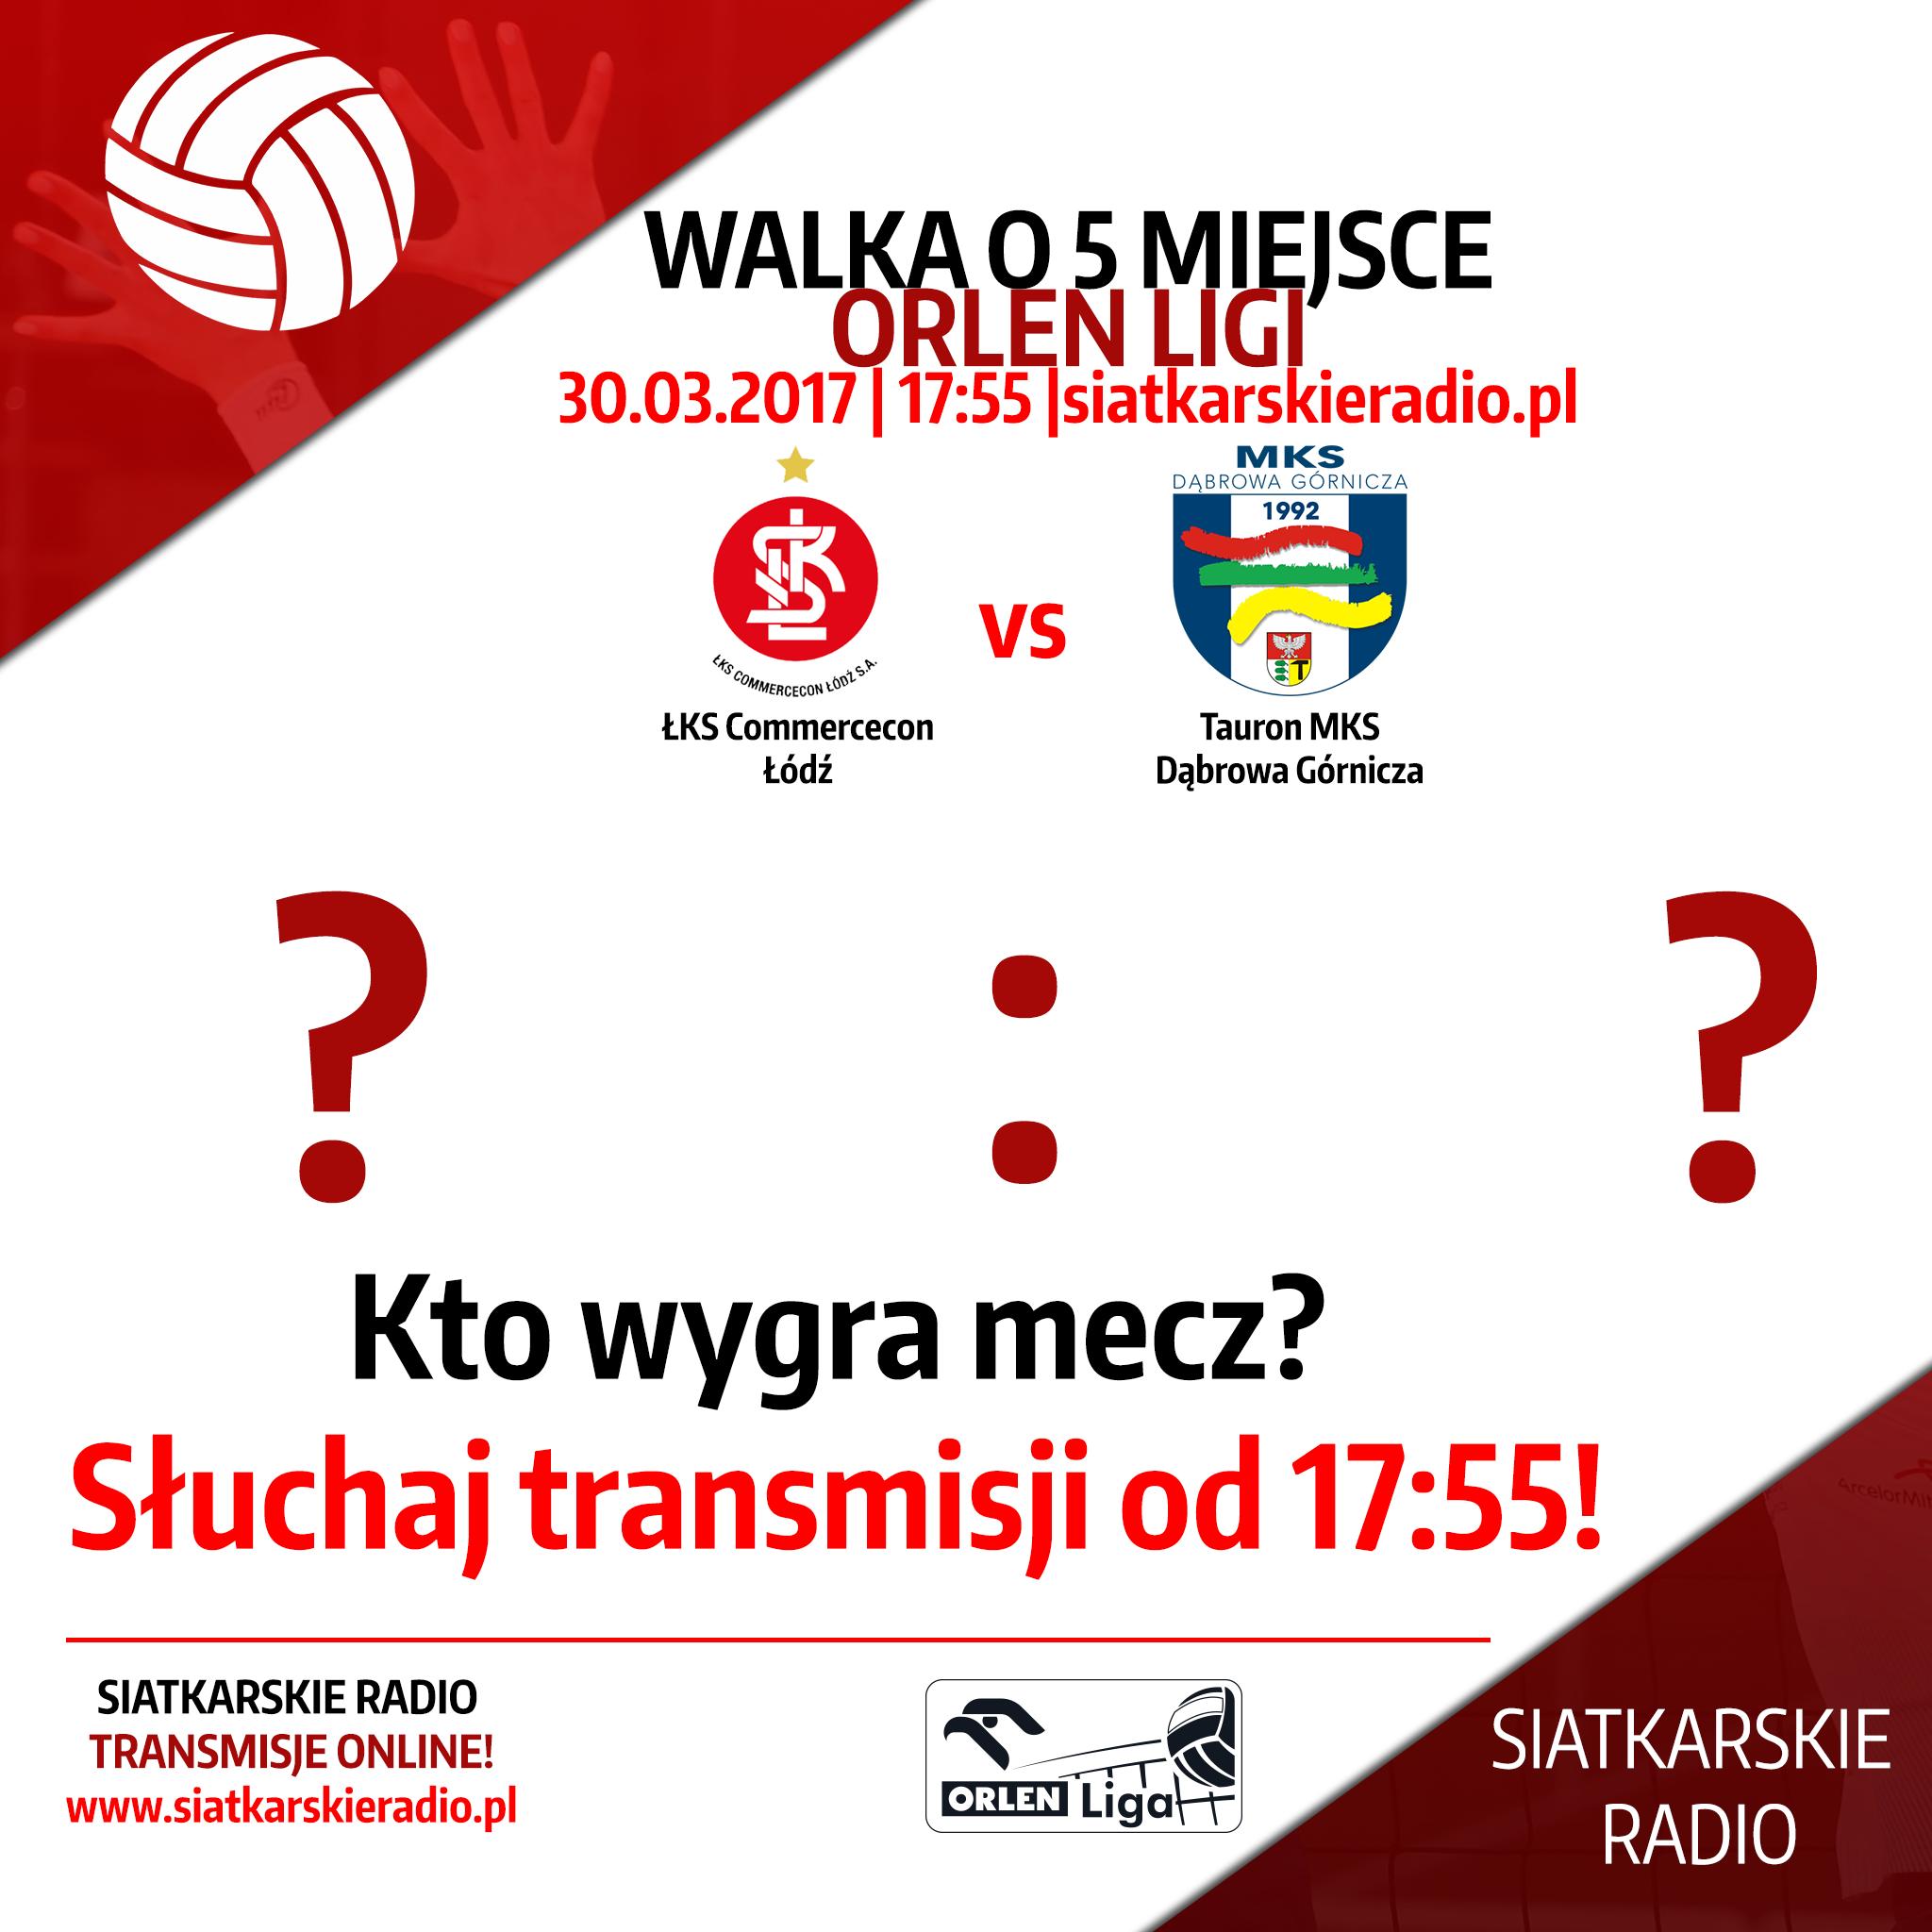 ŁKS Commercecon Łódź - Tauron MKS Dąbrowa Górnicza. Mecz o 5 miejsce! Transmisja w Siatkarskim Radio.